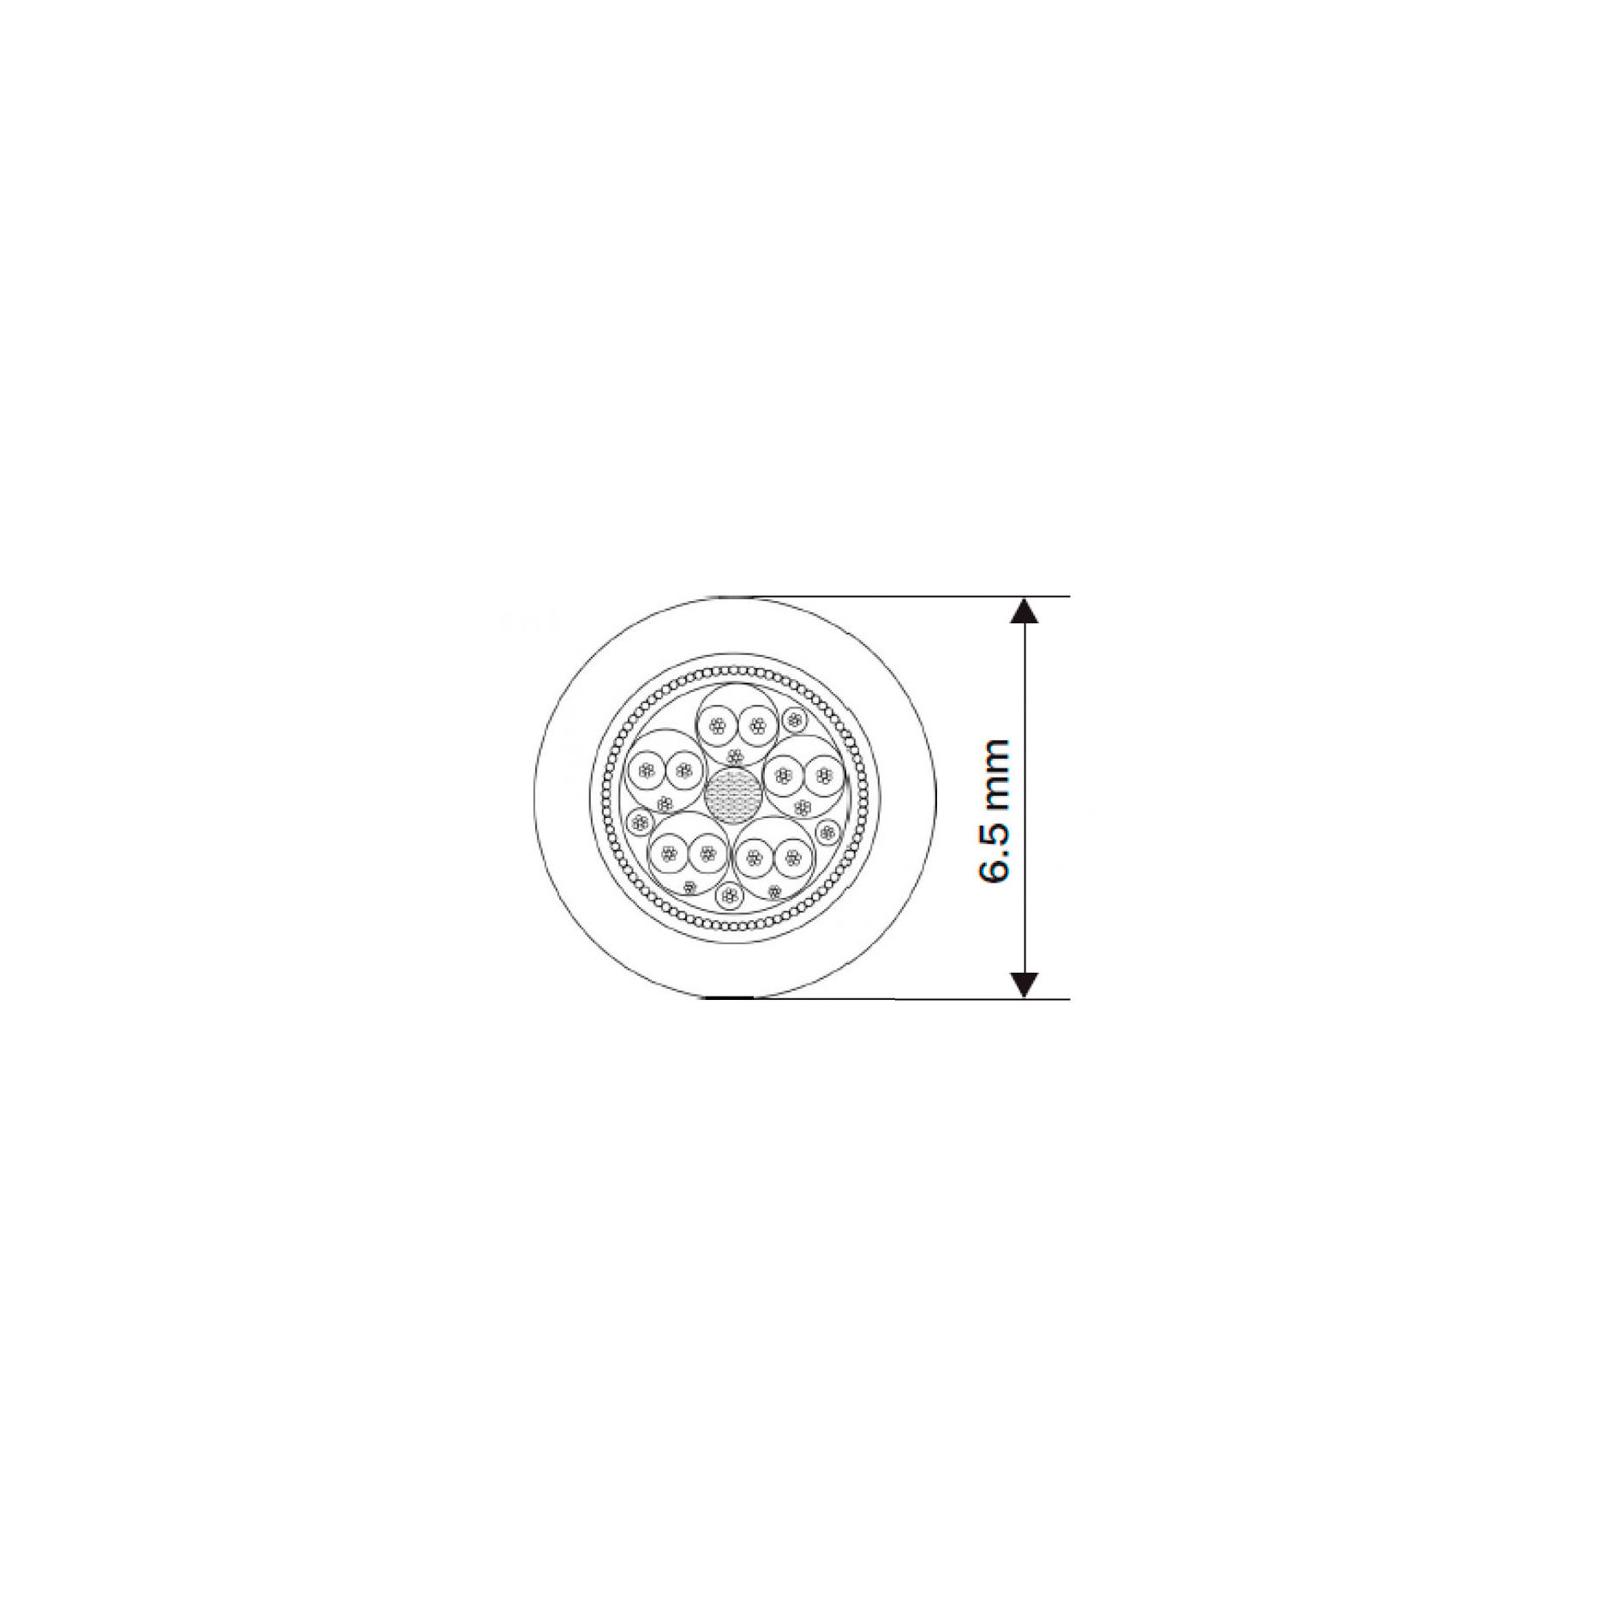 Кабель мультимедийный HDMI to HDMI 5.0m Prolink (PB348-0500) изображение 5